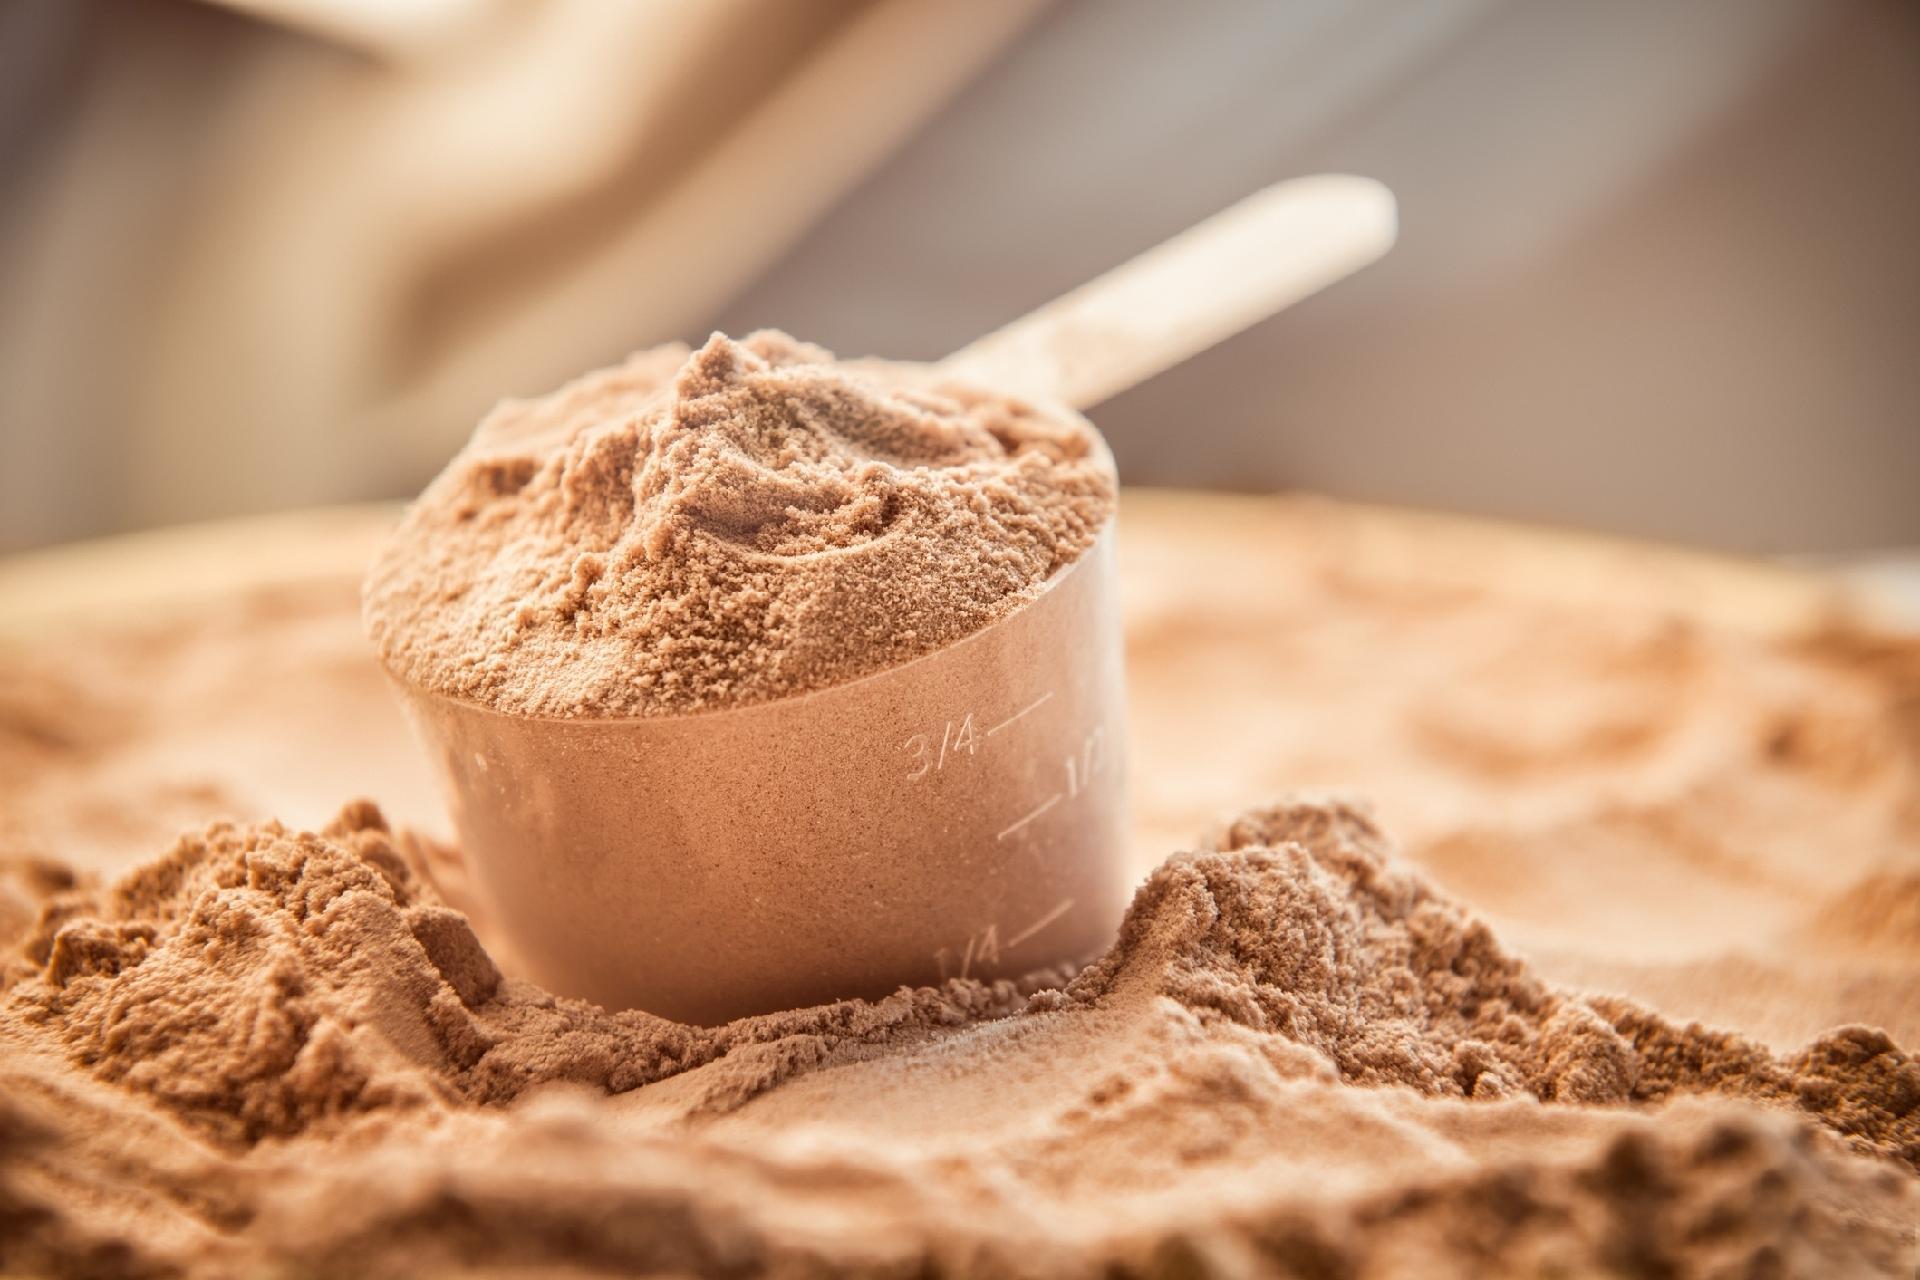 Whey Protein: conheça mitos e verdades sobre a proteína do soro do leite